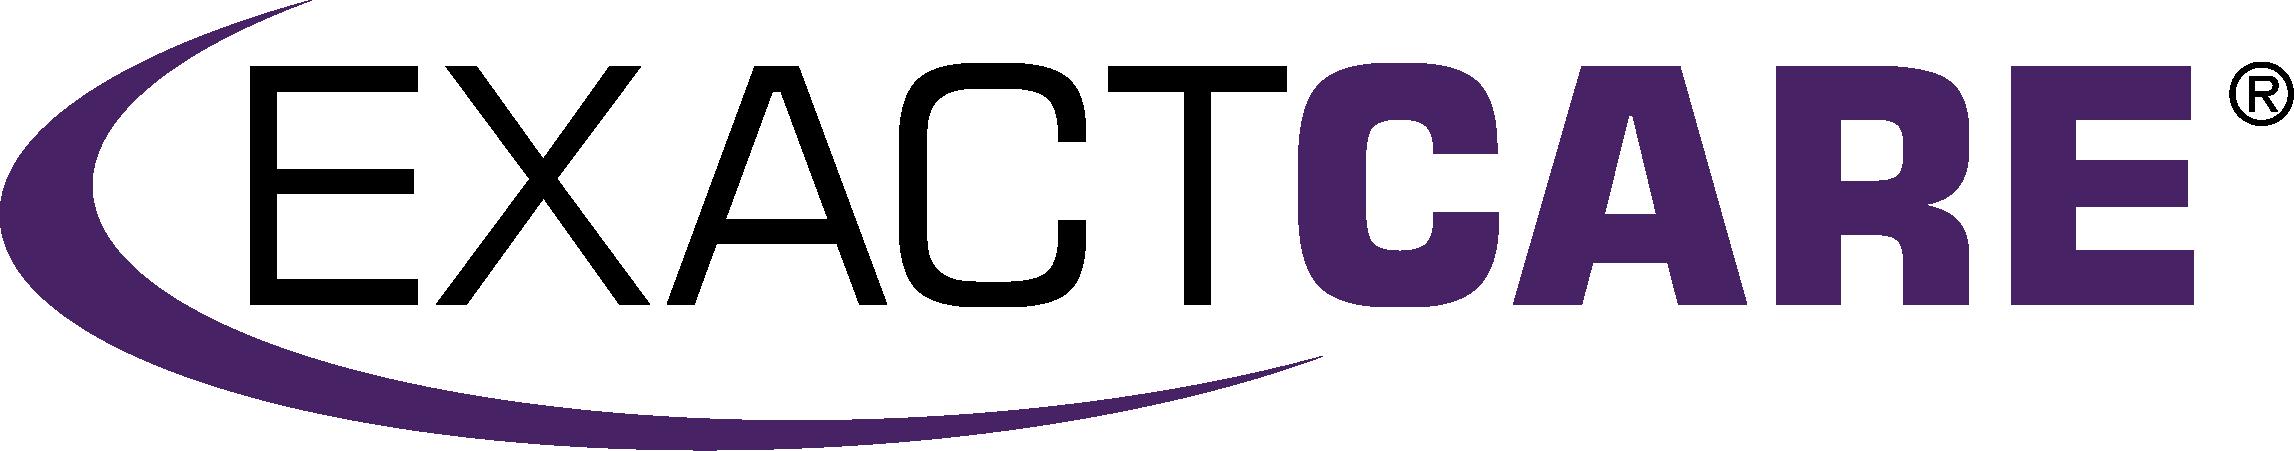 ExactCare Pharmacy logo